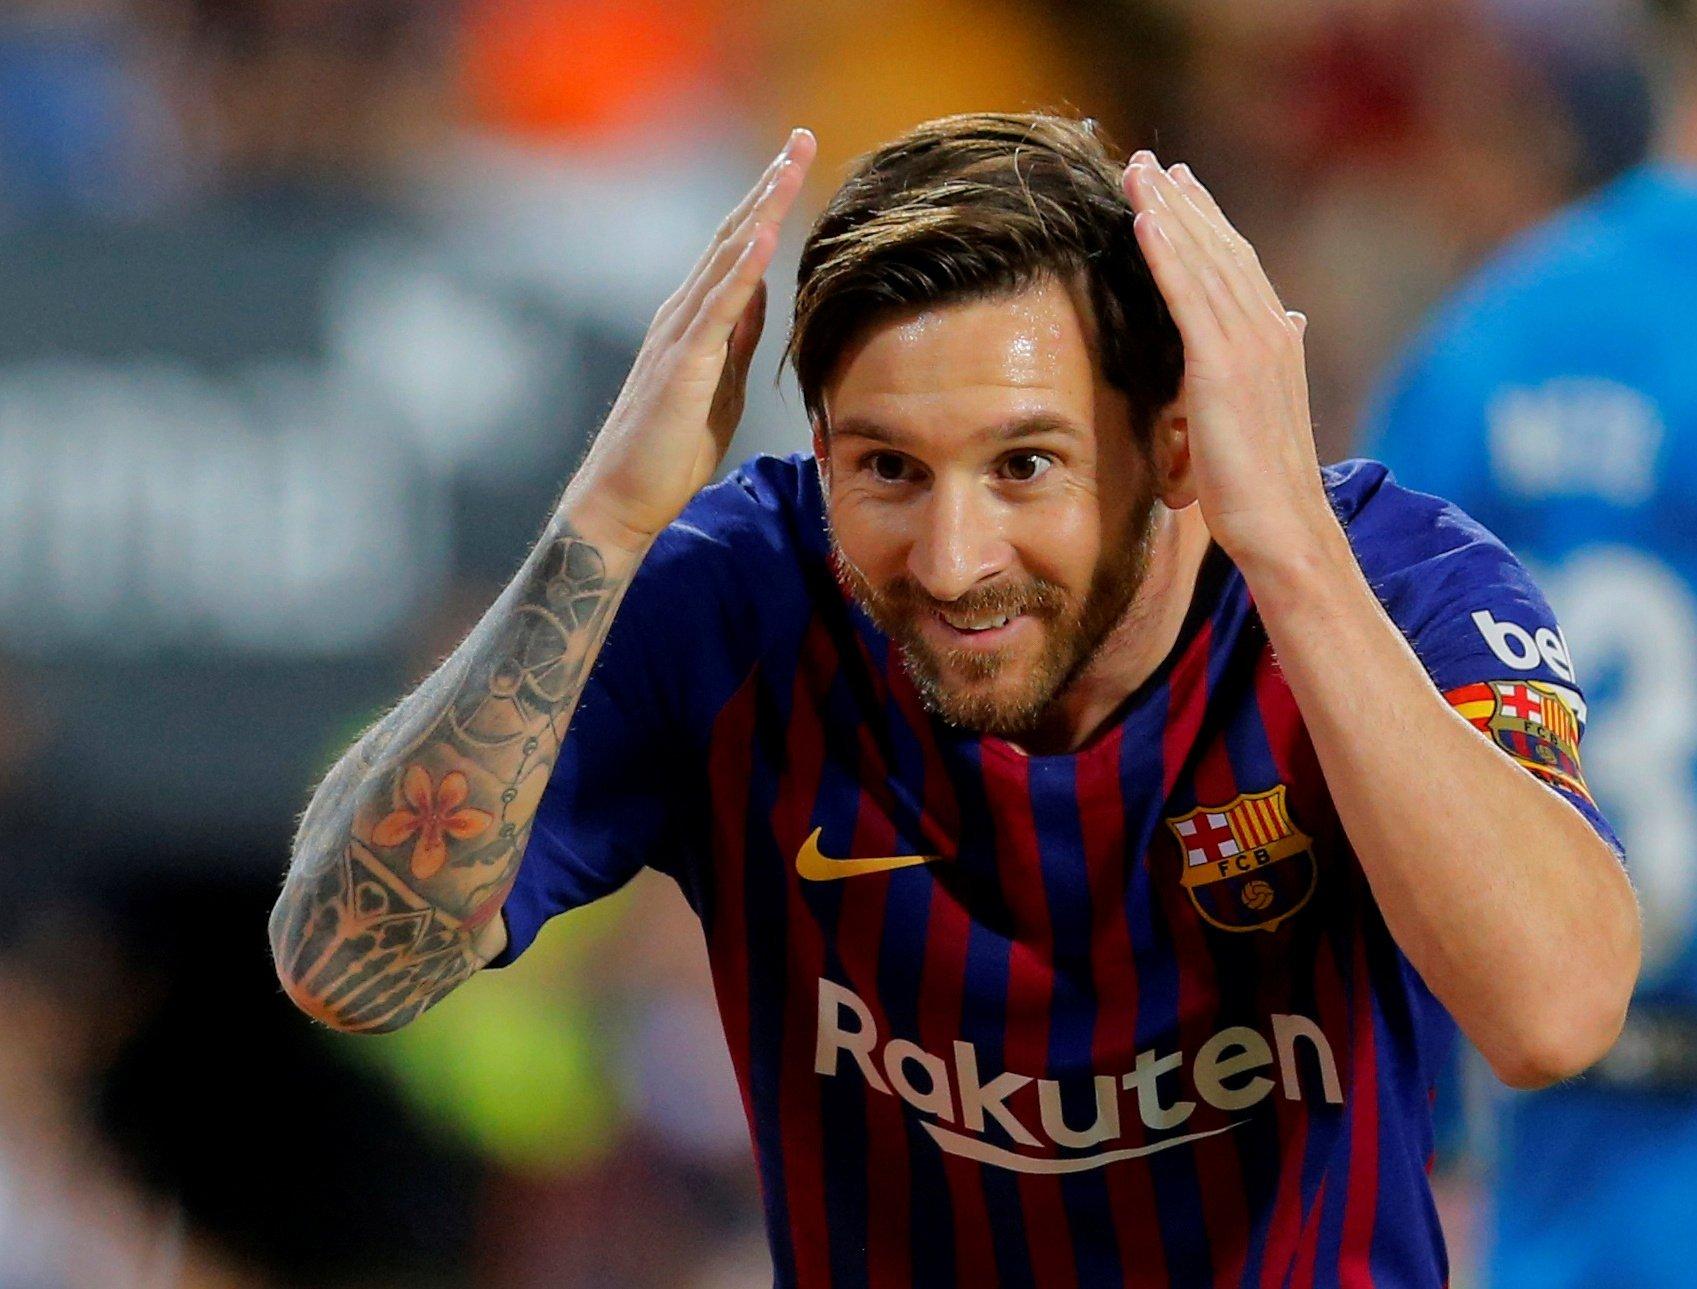 ميسي يسجل الهدف الأول لبرشلونة في مرمى ليون على طريقة بانينكا